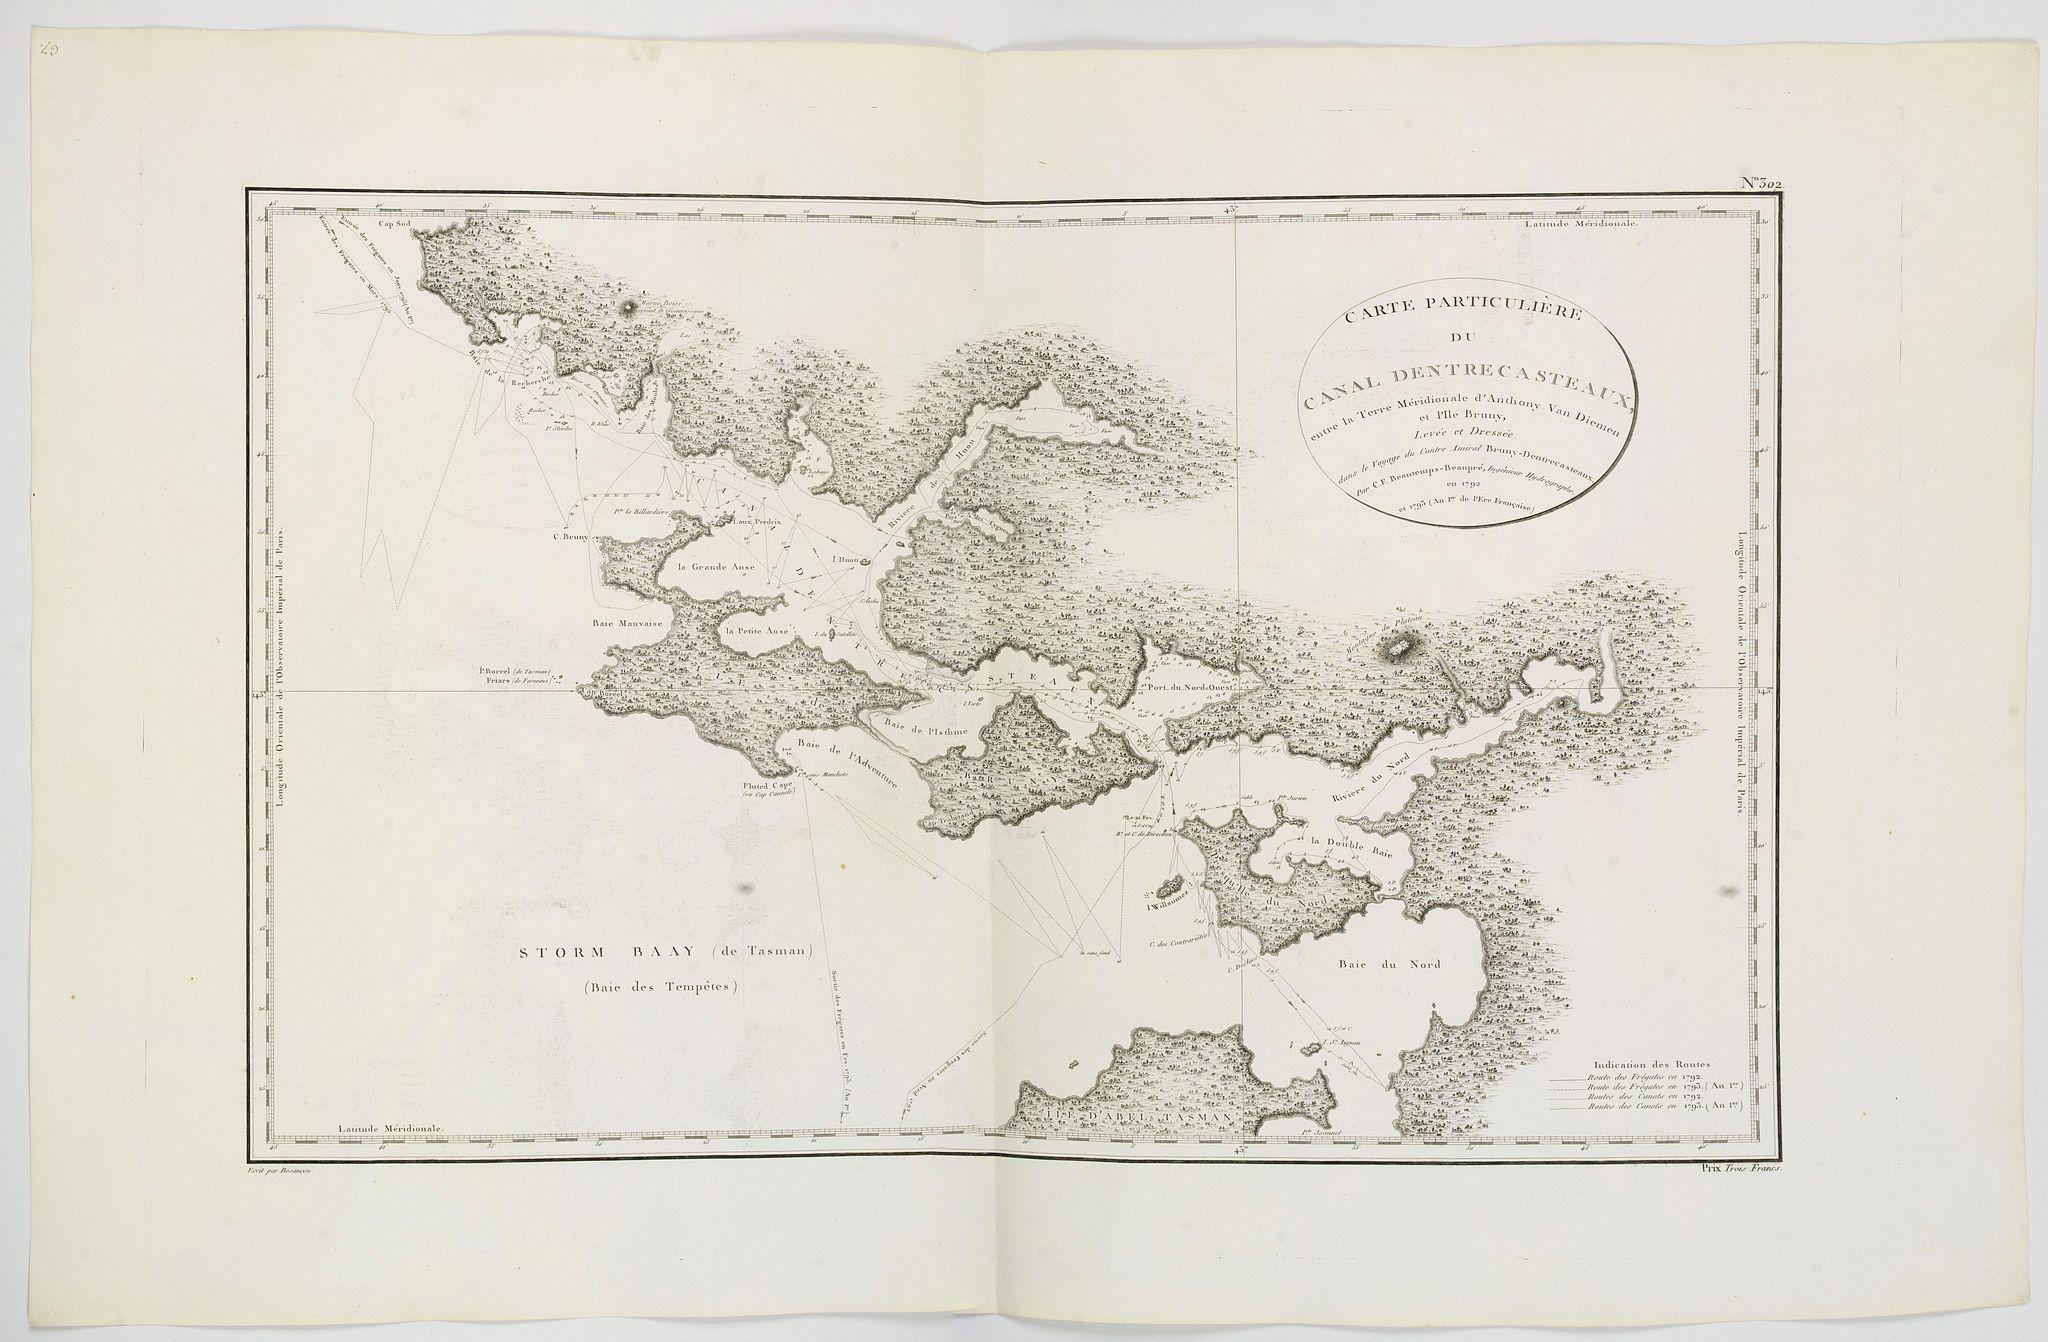 BEAUTEMPS-BEAUPRE, C.F. -  Carte Particuliere du canal Dentrecasteaux entre la Terre Meridionale d'Anthony van Diemen. . .